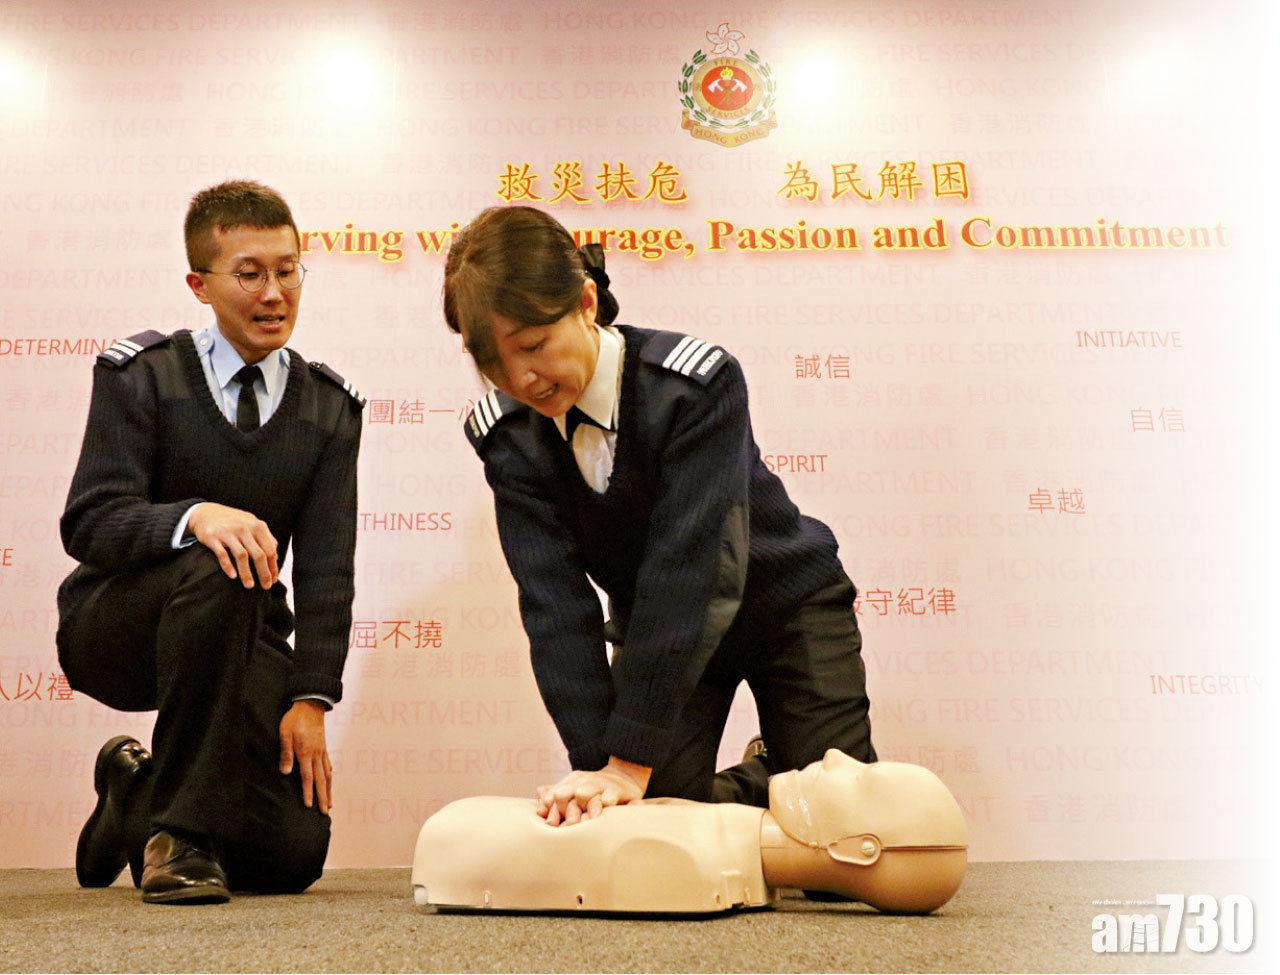 丈夫心臟病發命懸一線 妻跟指引做CPR 戰勝死神